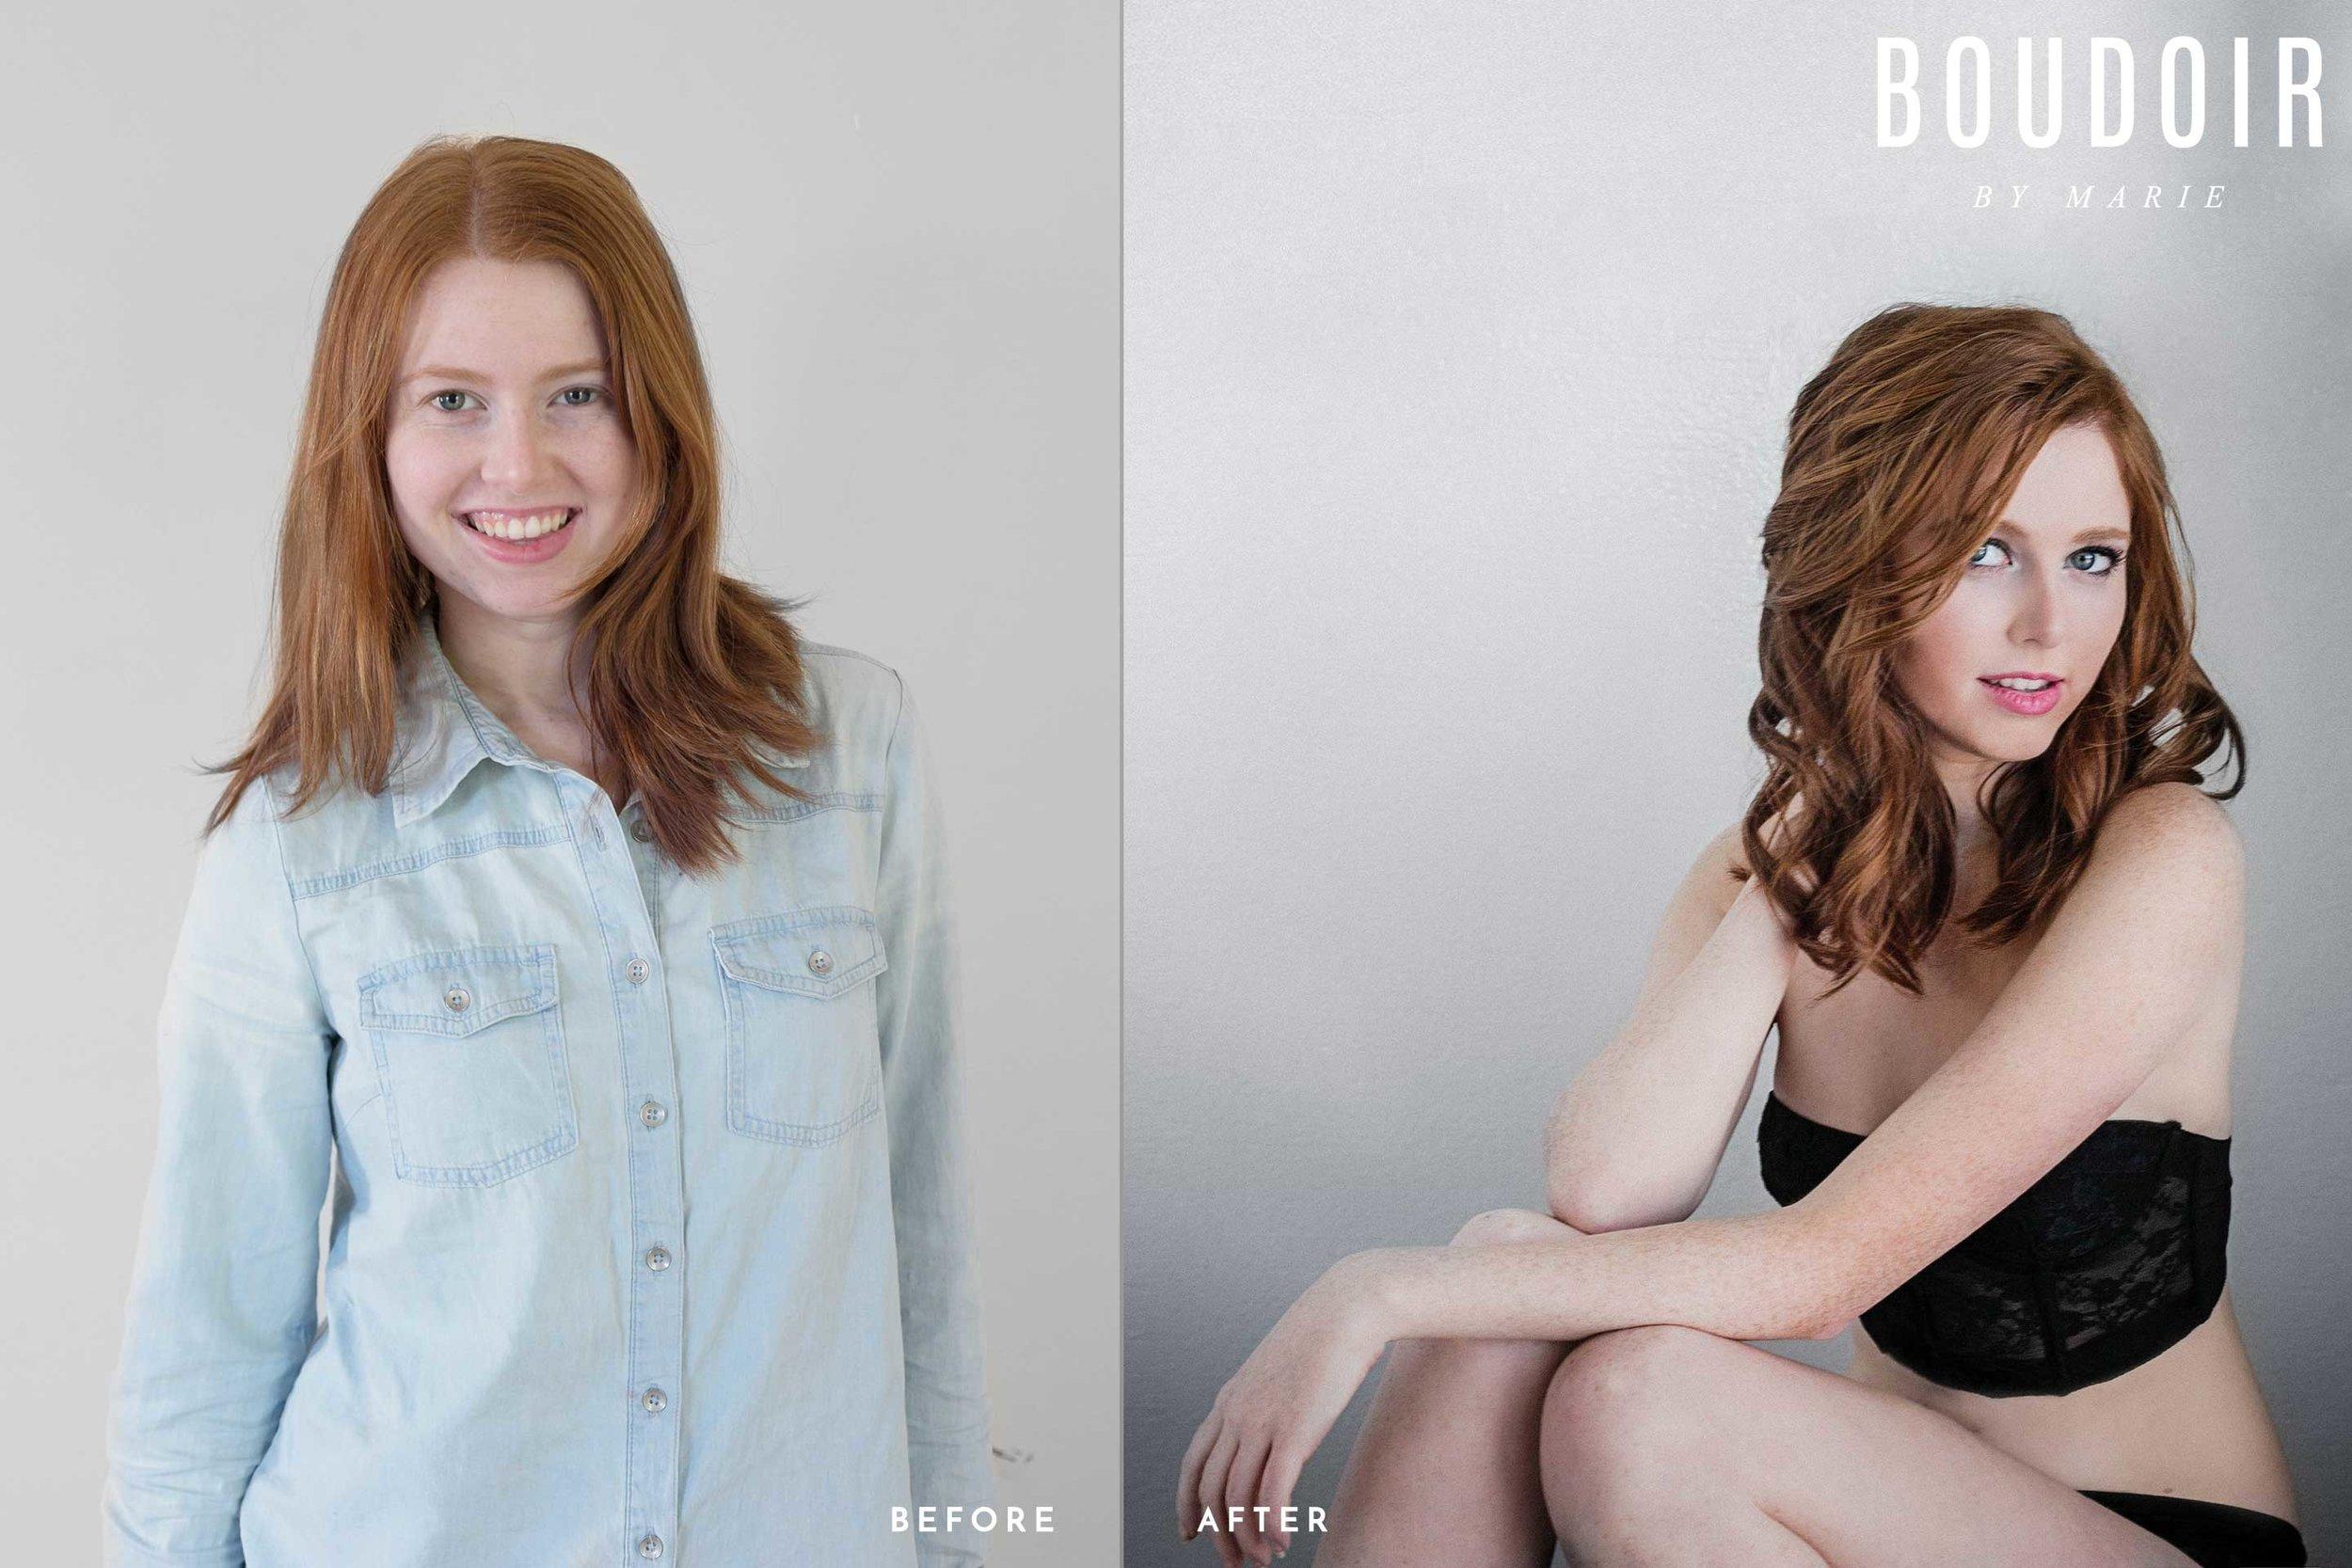 BoudoirbyMarie-BeforeandAfter-HairandMakeup-01.jpg